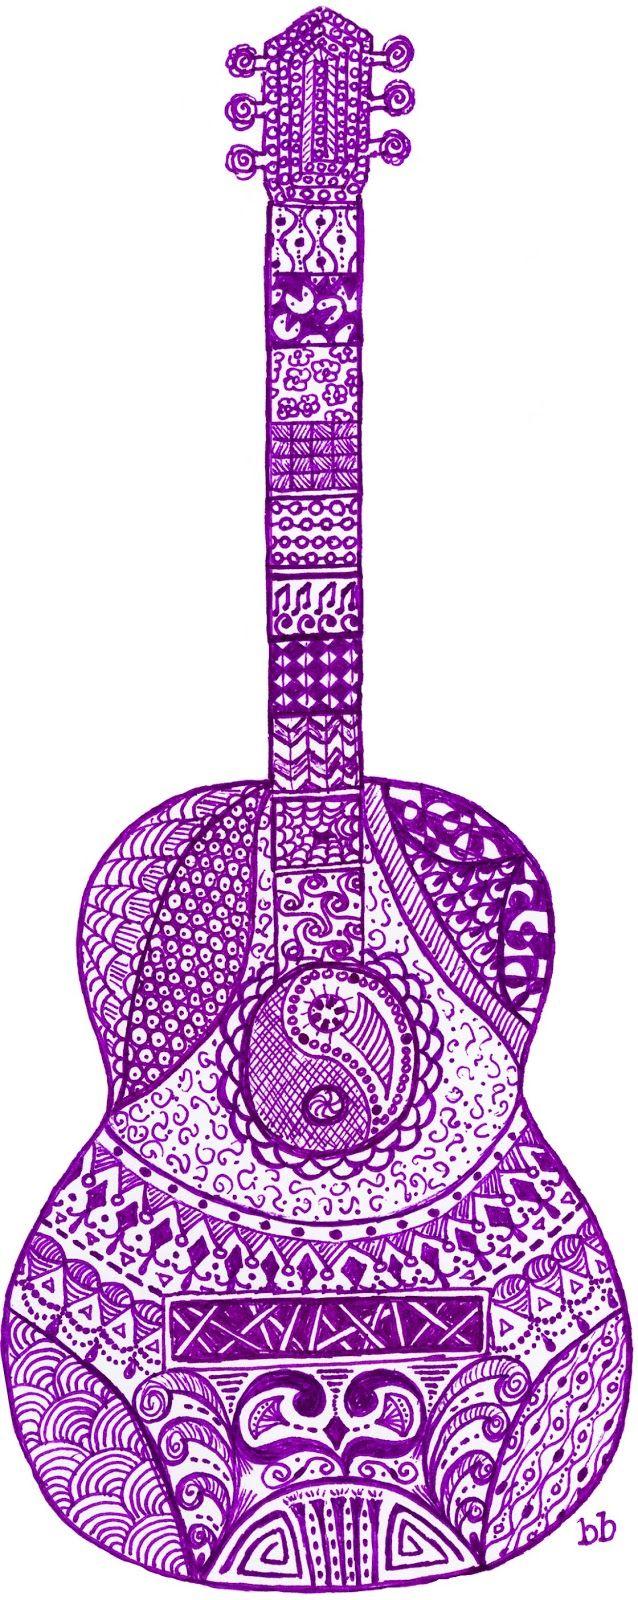 No Apologies for Doodling. Acoustic Guitar Zen Doodle Art.